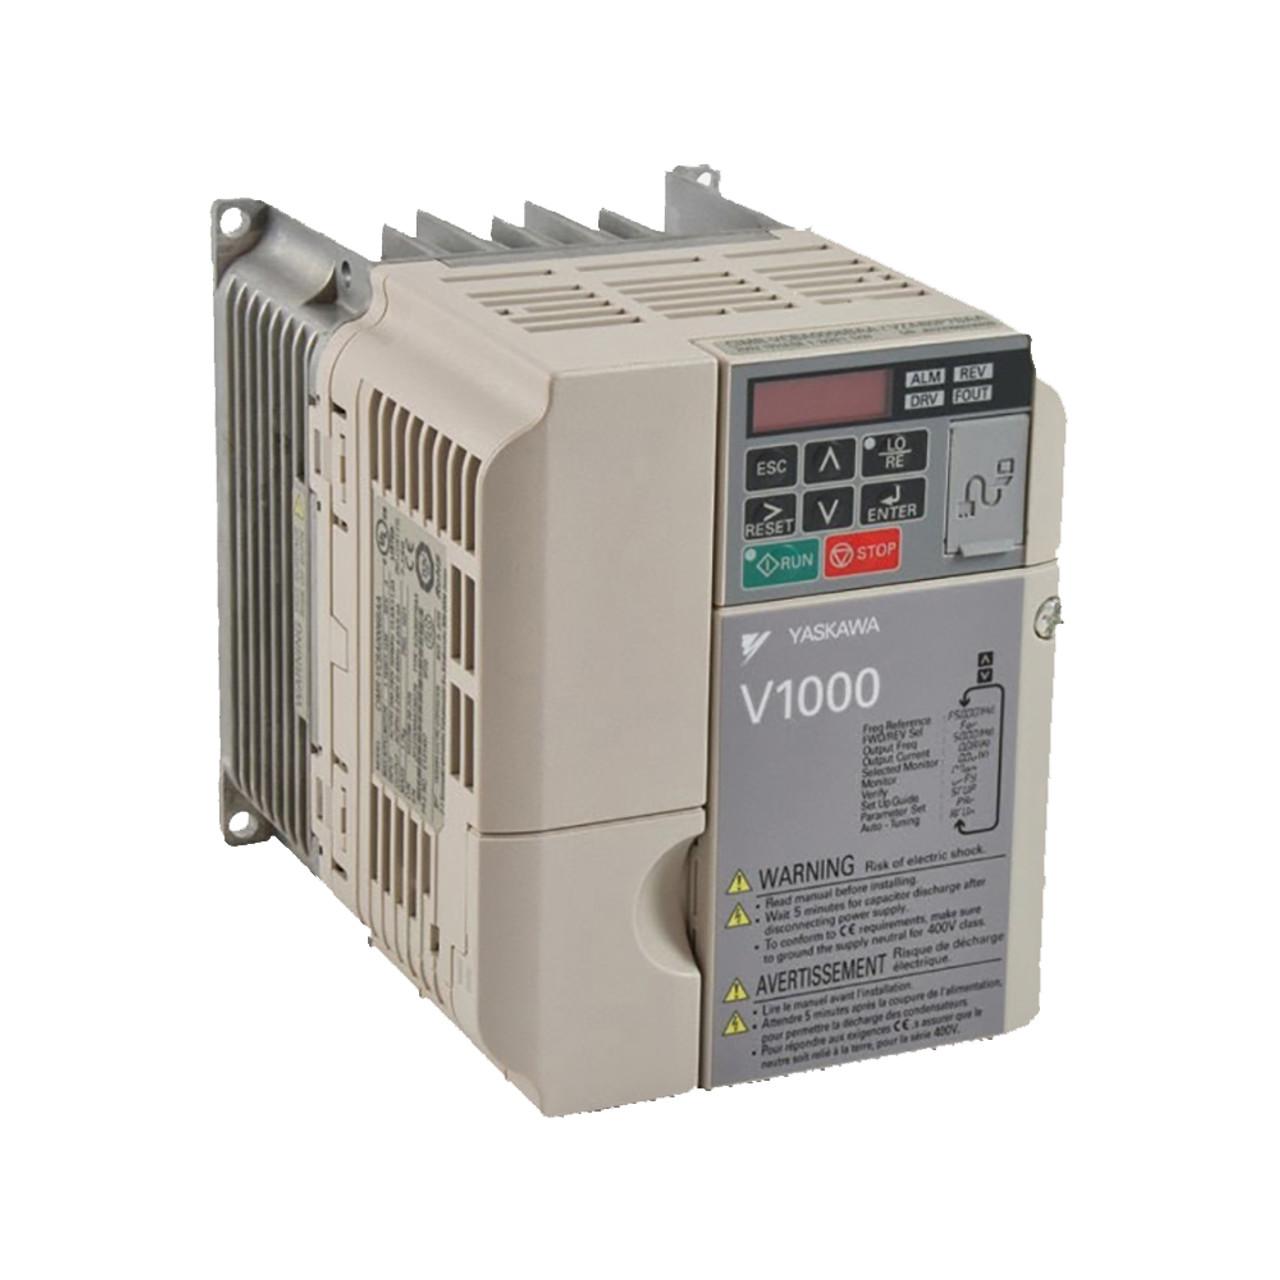 Yaskawa V1000 Series CIMR-VU2A0010FAA Compact Drive on